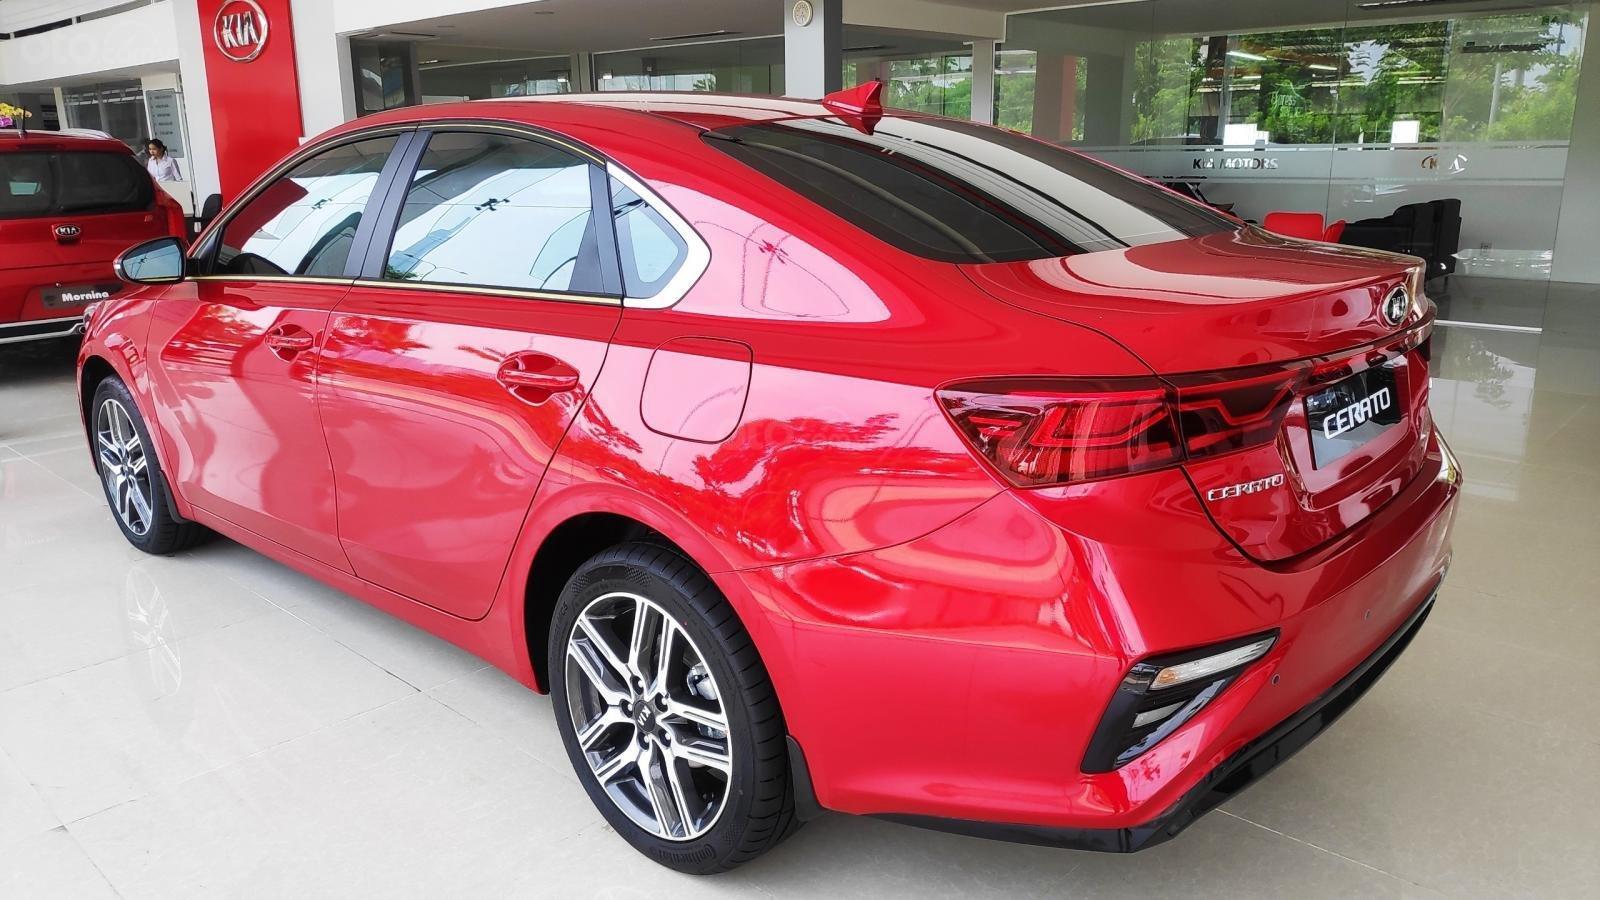 Kia Cerato Premium đặc biệt - giảm giá tiền mặt + tặng bảo hiểm xe + phụ kiện - liên hệ PKD Kia Thảo Điền 0961.563.593 (5)